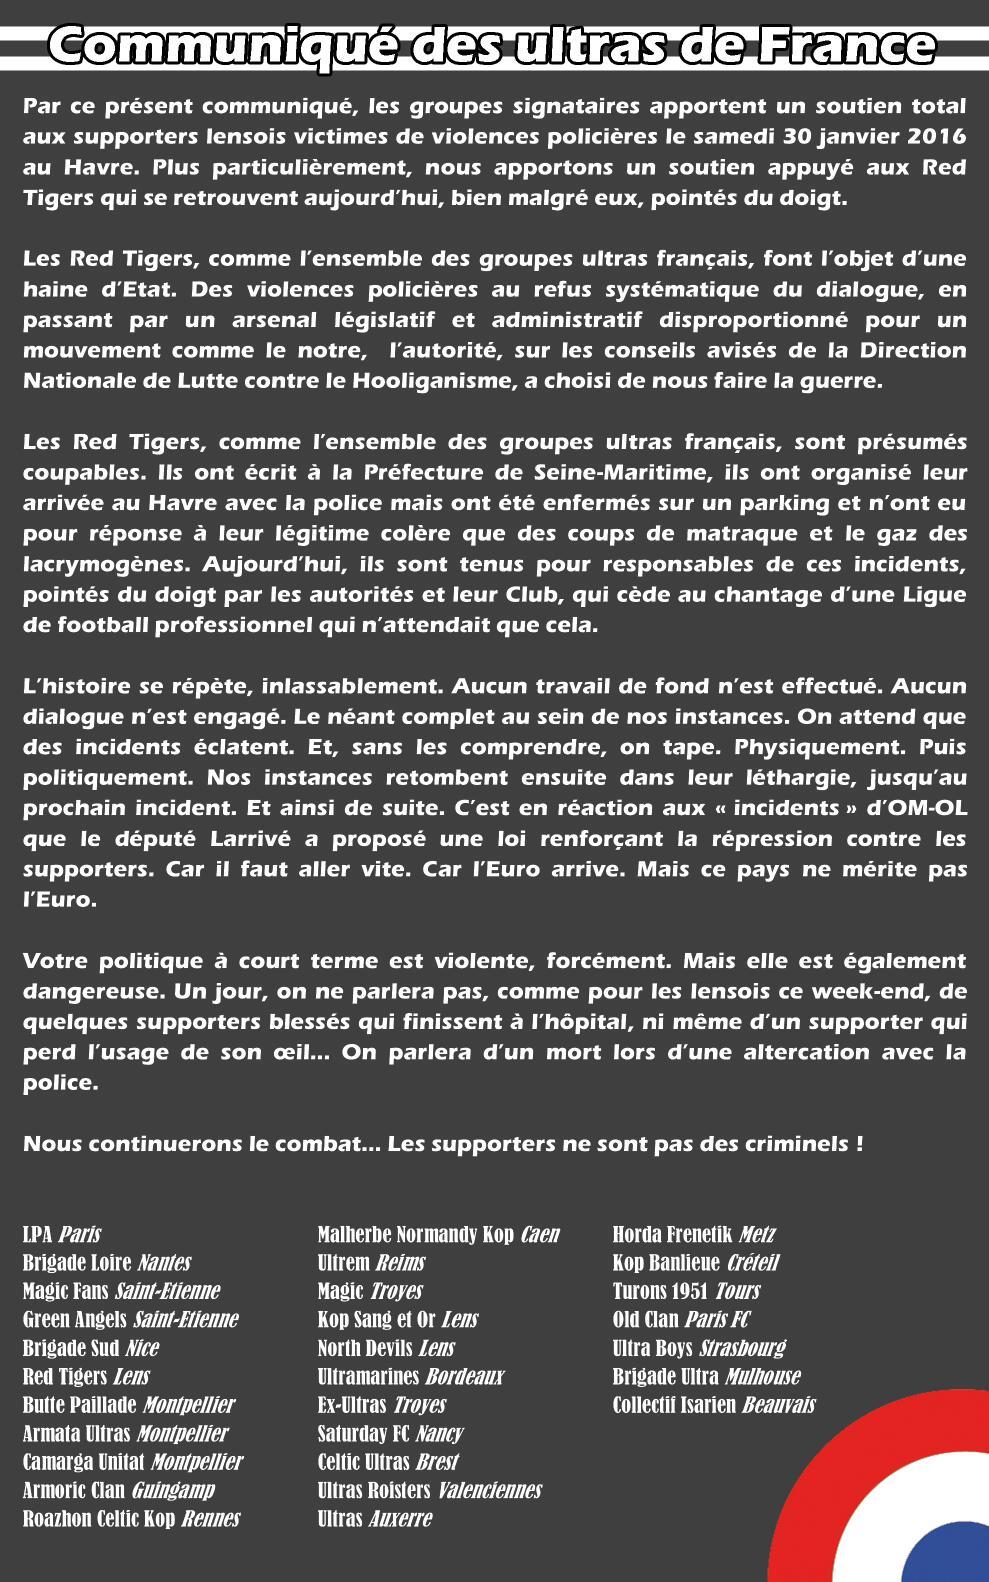 Communiqué des ultras de France 2016